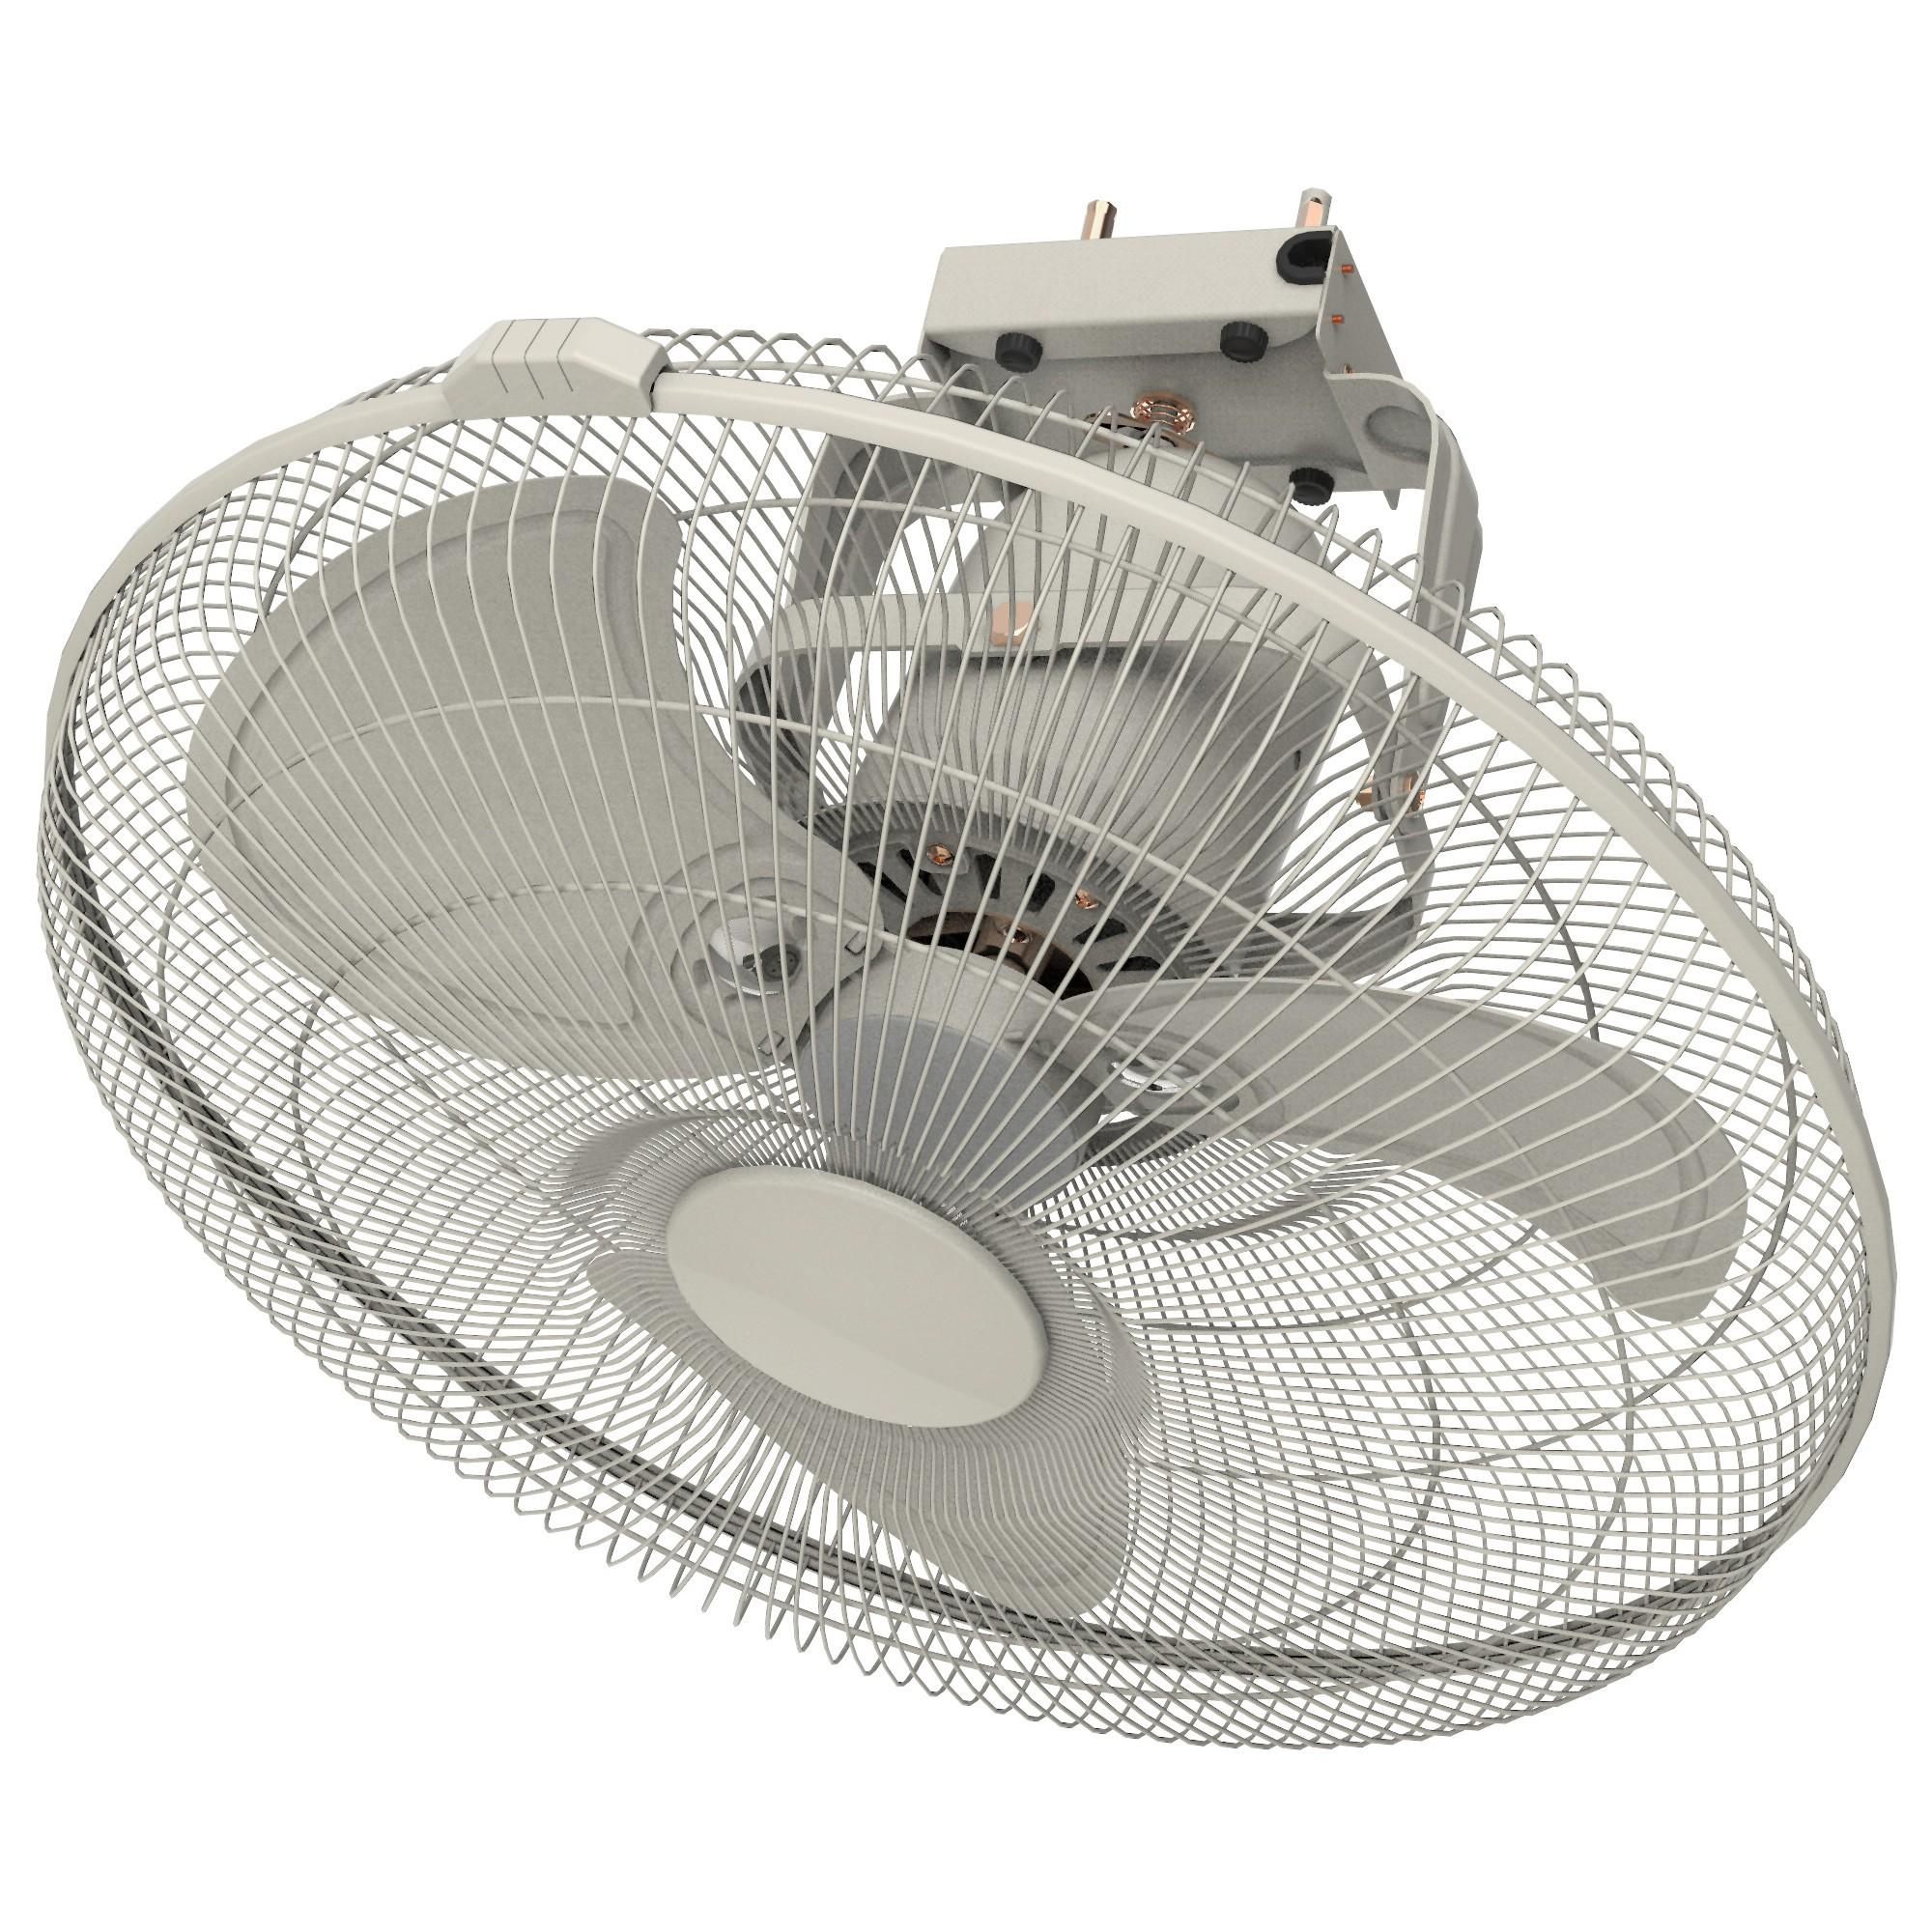 Ventair Orbital Commercial Grade Oscillating Ceiling Fan, 45cm